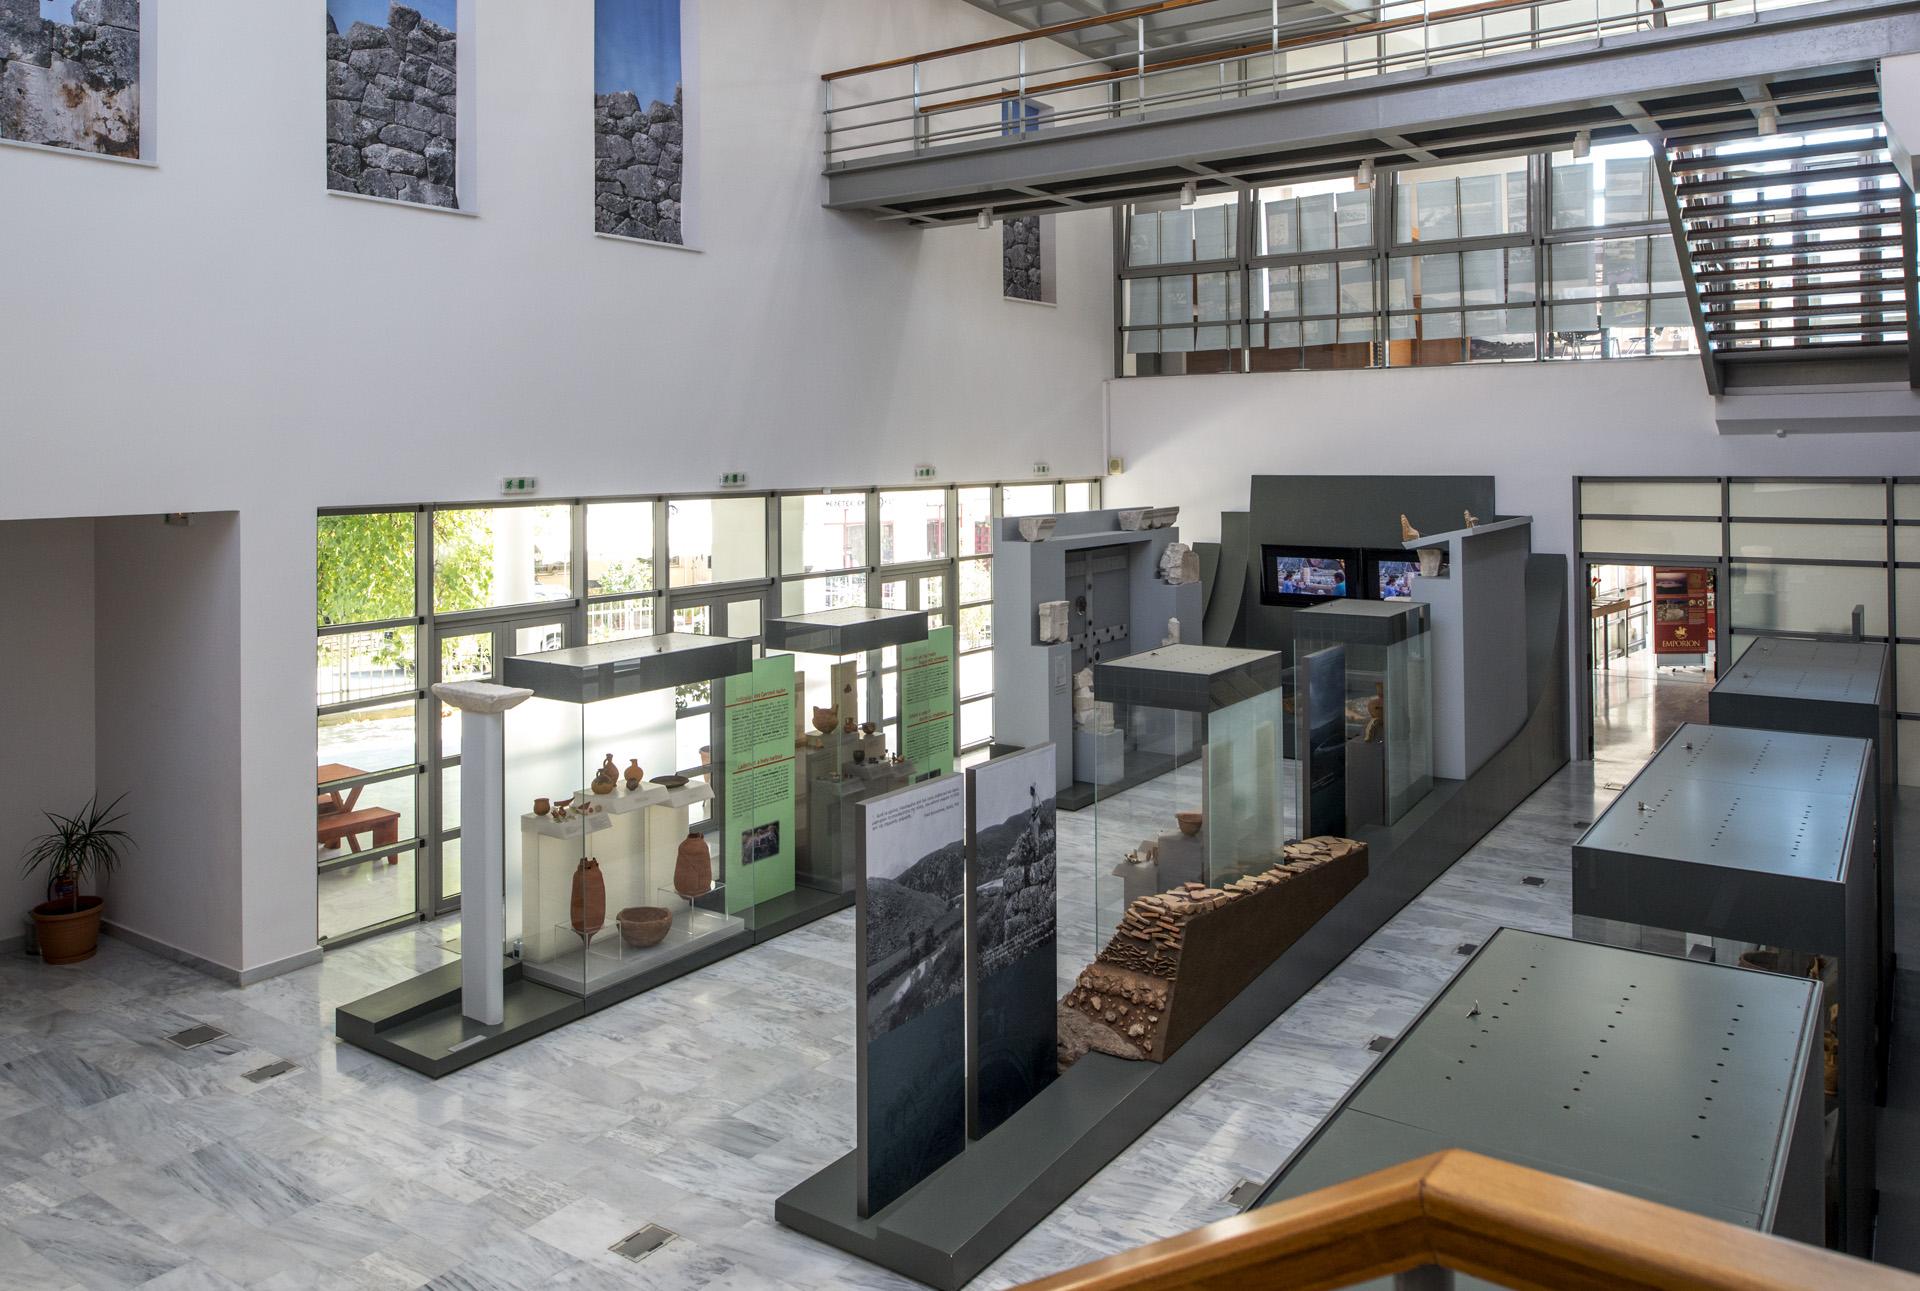 arch ologisches museum von igoumenitsa. Black Bedroom Furniture Sets. Home Design Ideas